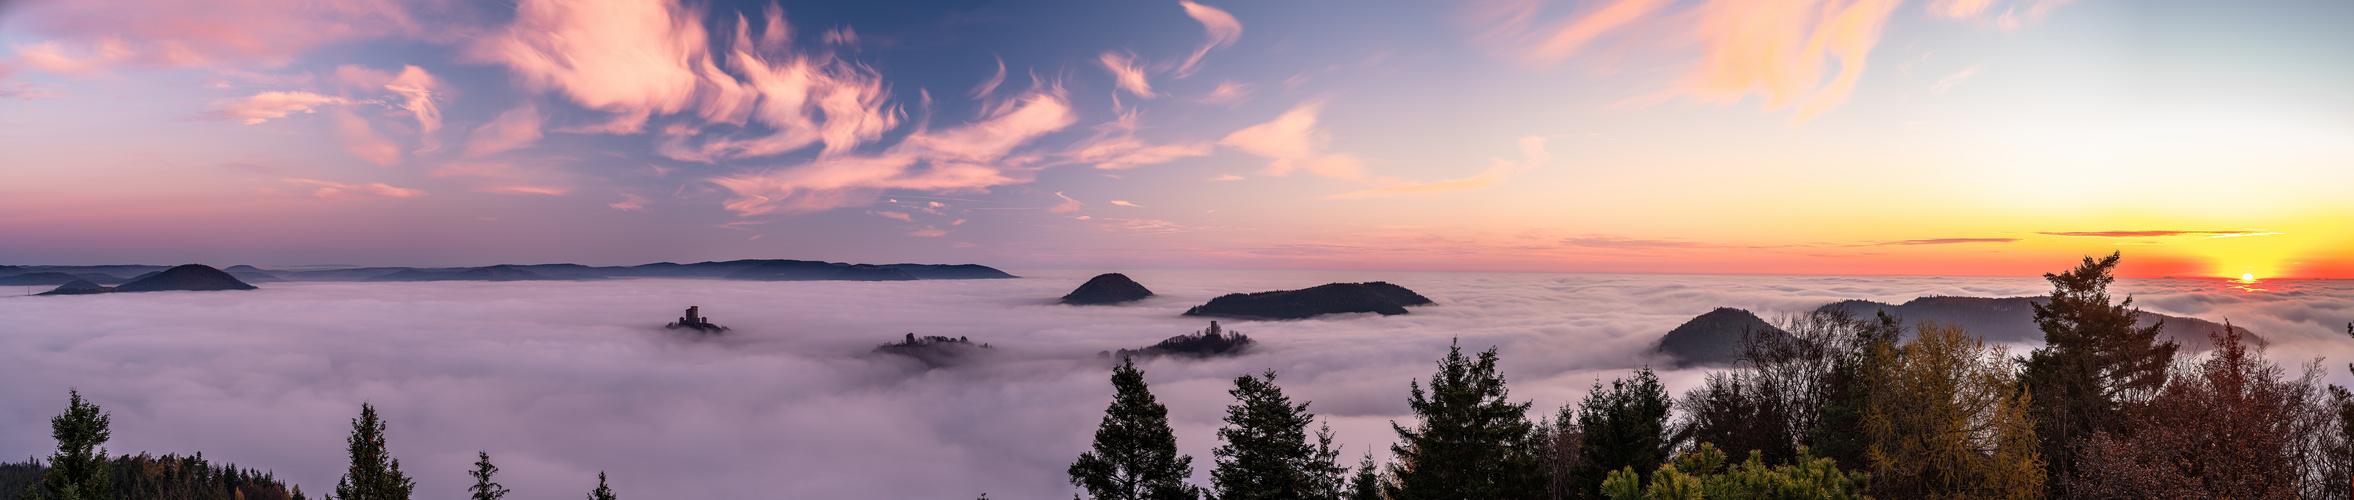 Im Traumland des Nebels ....